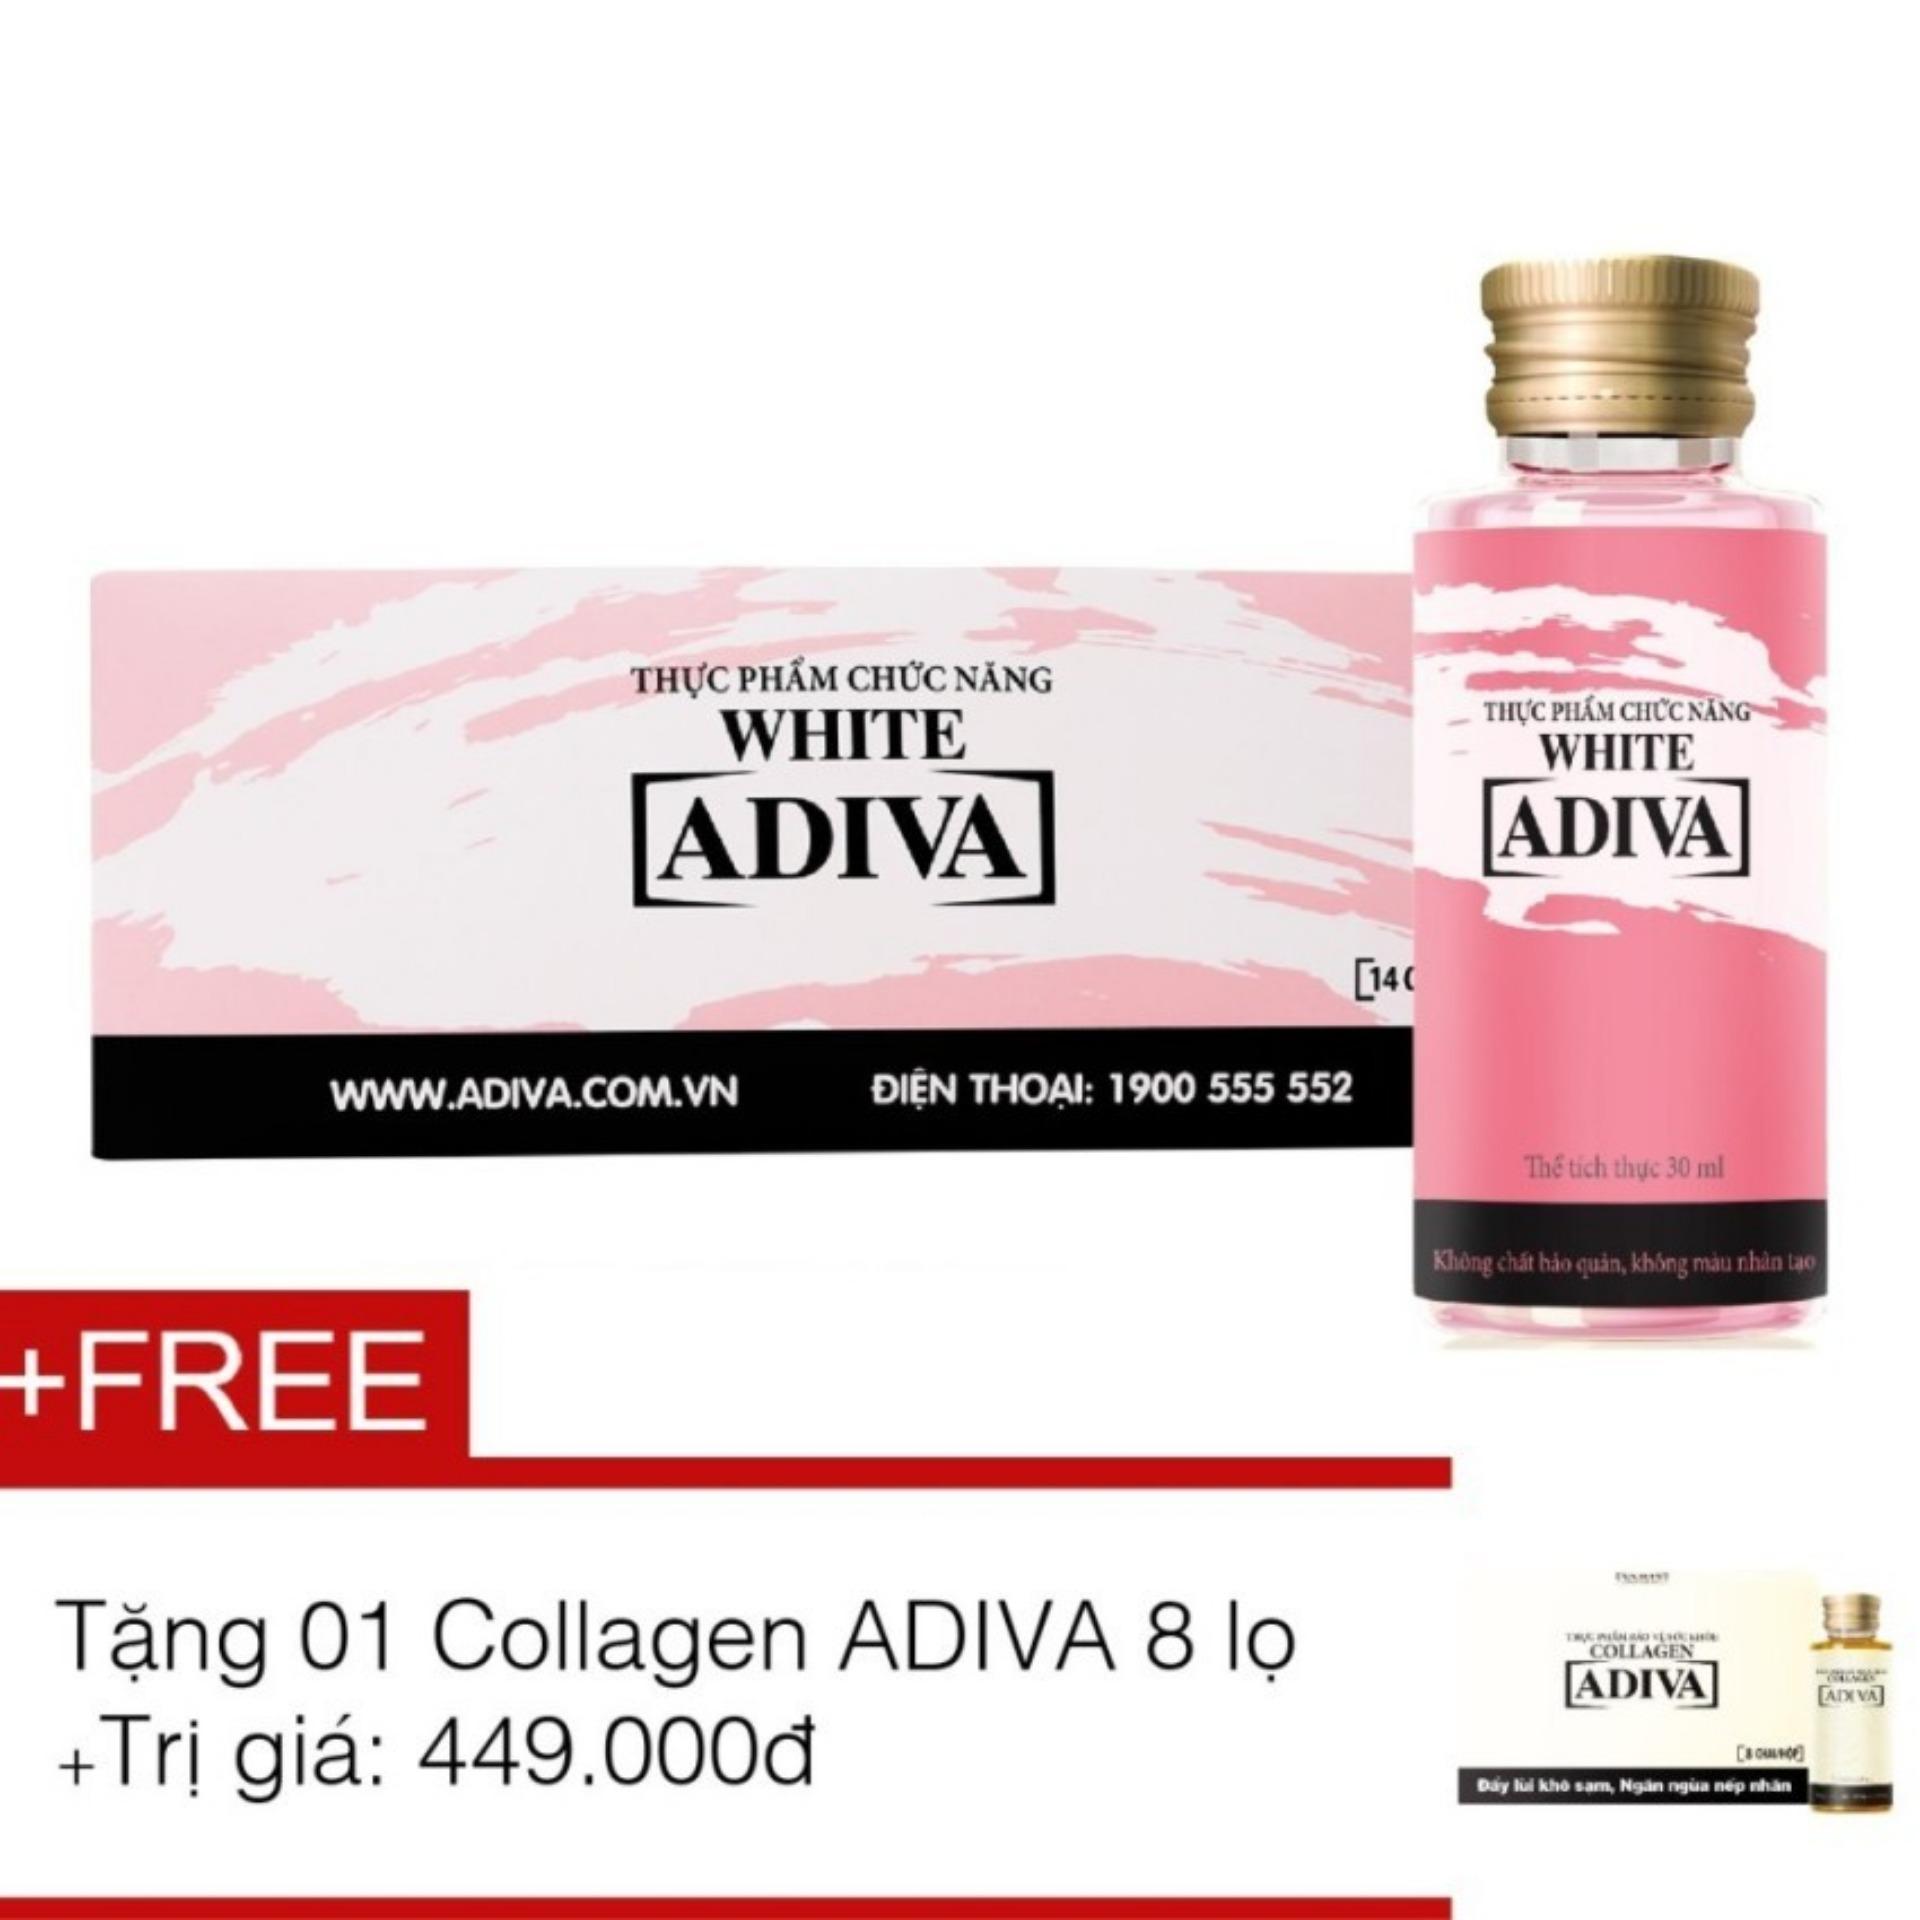 Hình ảnh Tinh chất làm trắng ADIVA White 14 chai x 30ml + Tặng tinh chất làm đẹp ADIVA Collagen 8 chai x 30ml